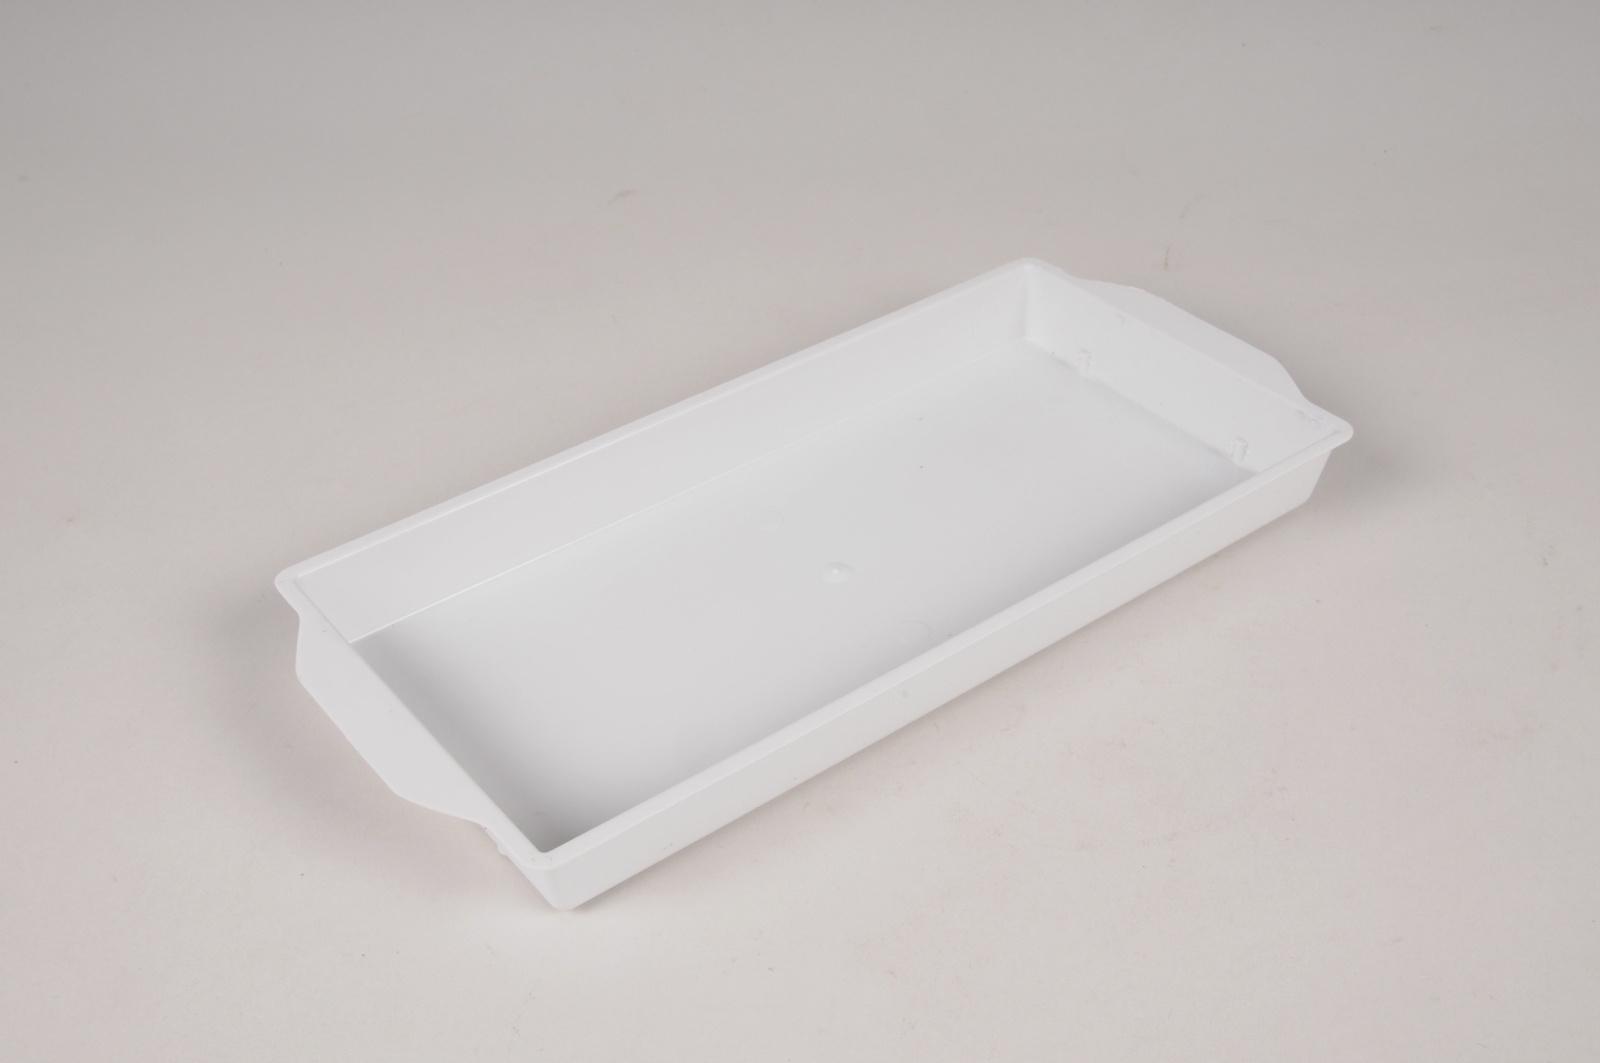 B213QV Paquet de 25 coupes en plastique blanches L26cm